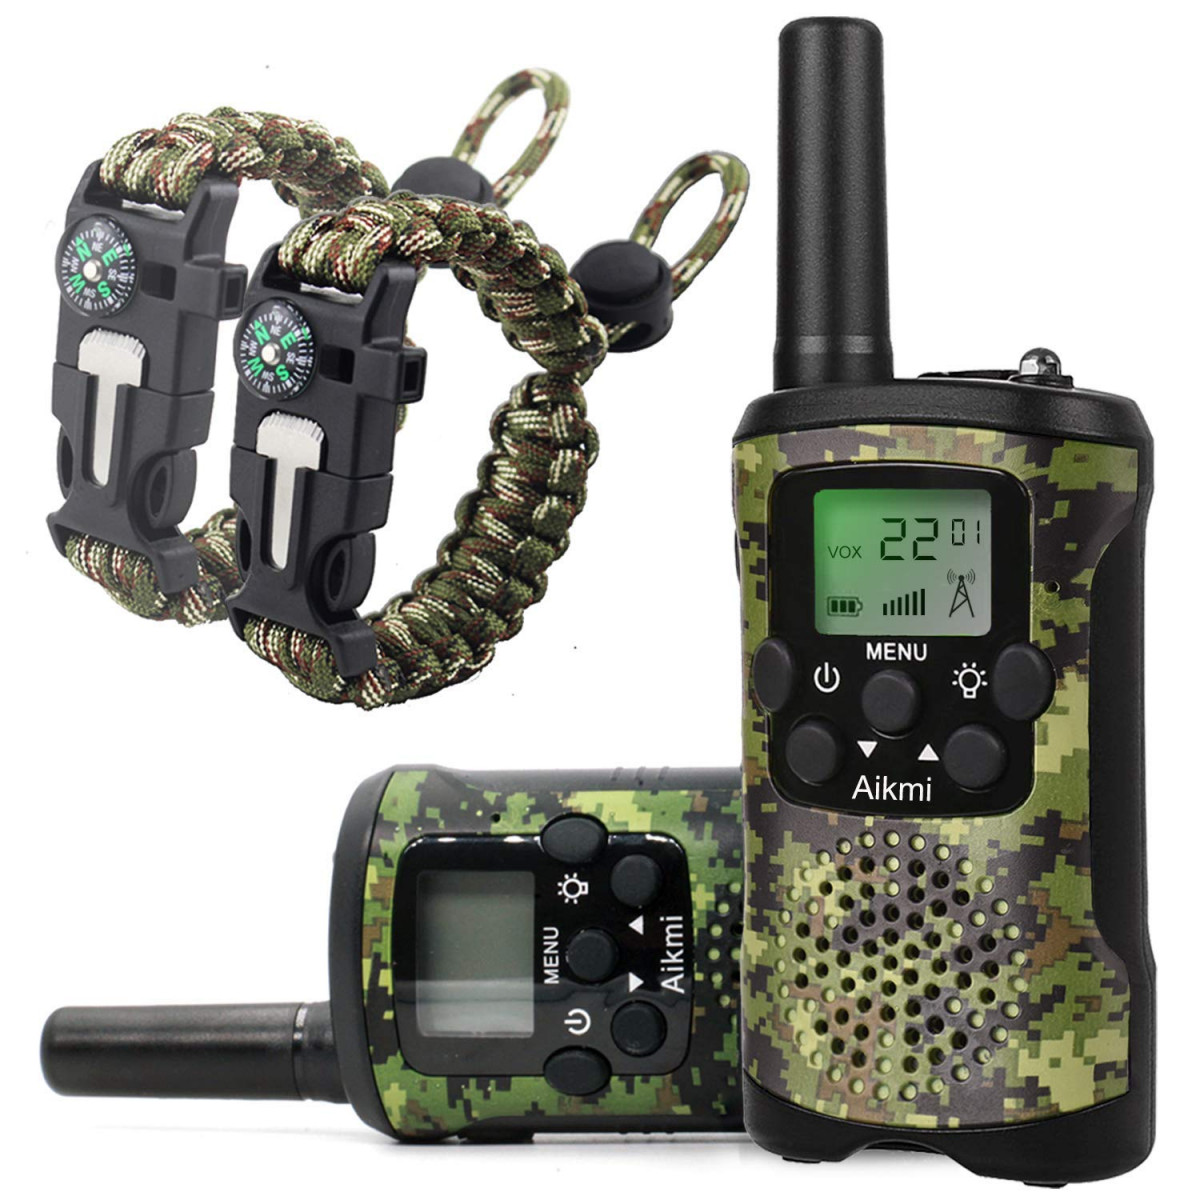 Walkie Talkies For Kids 22 Channel 2 Way Radio 3 Miles Long Range Handheld